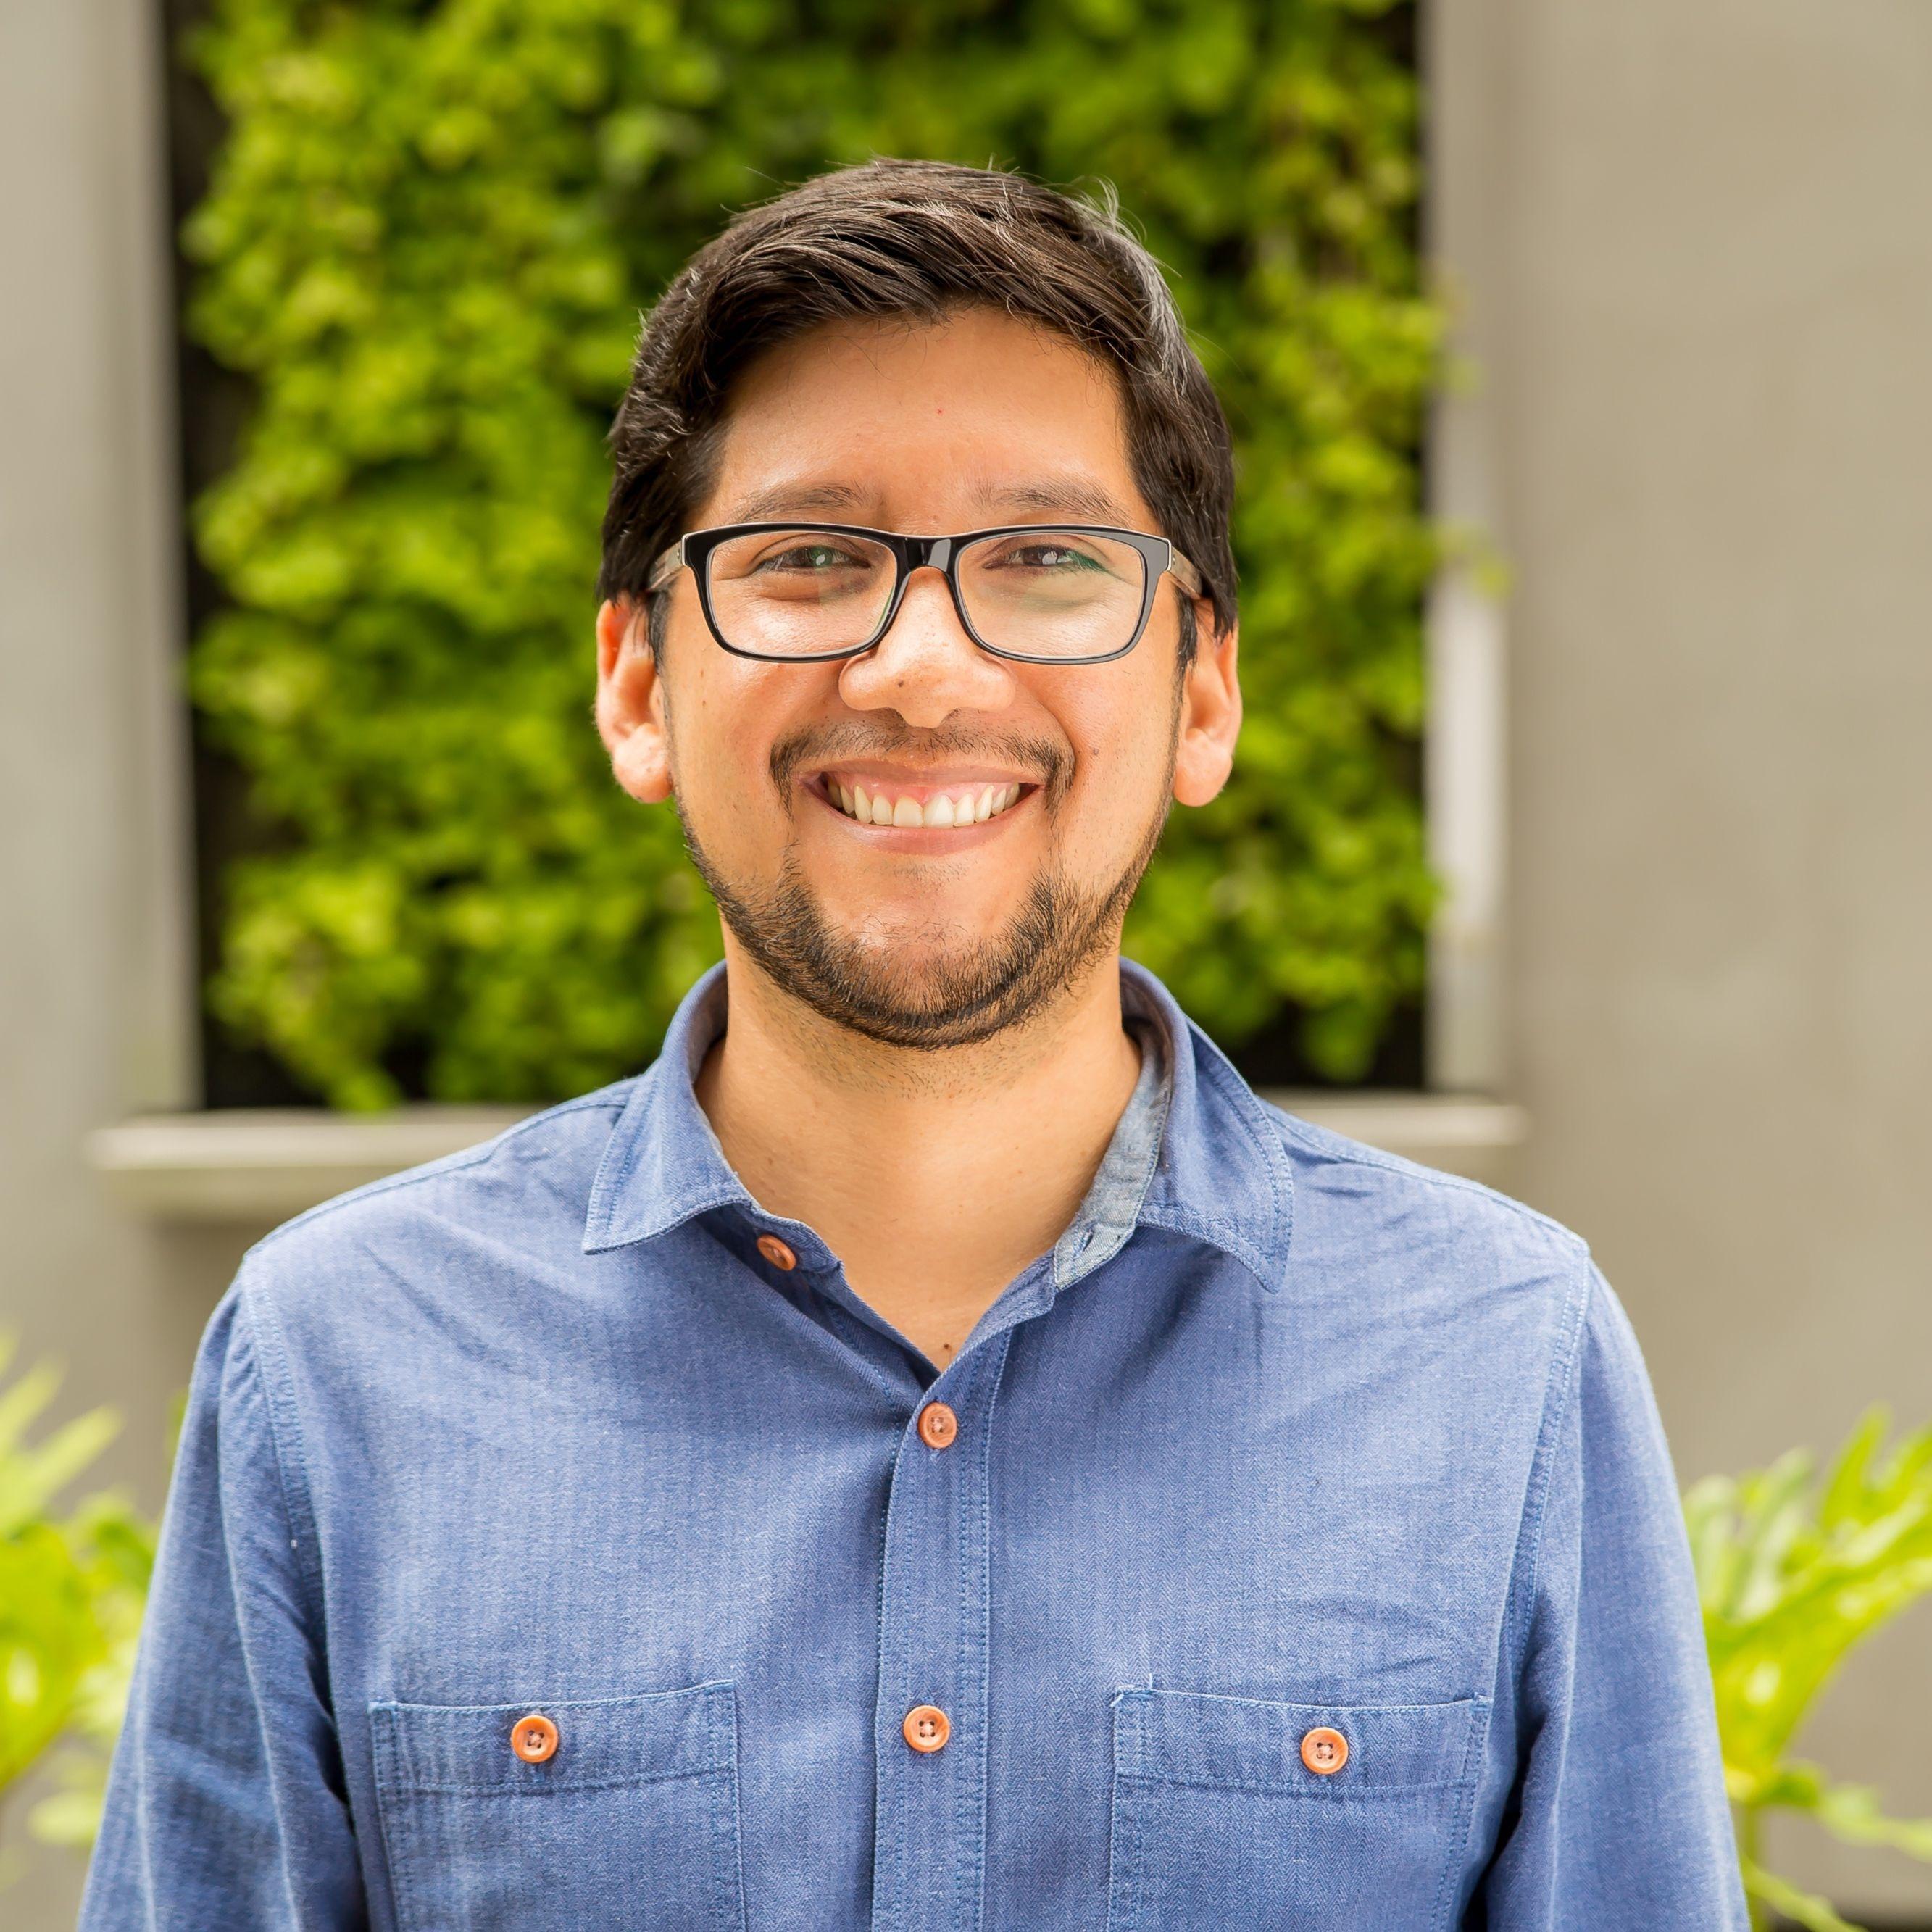 Alfredo Espinoza Flores